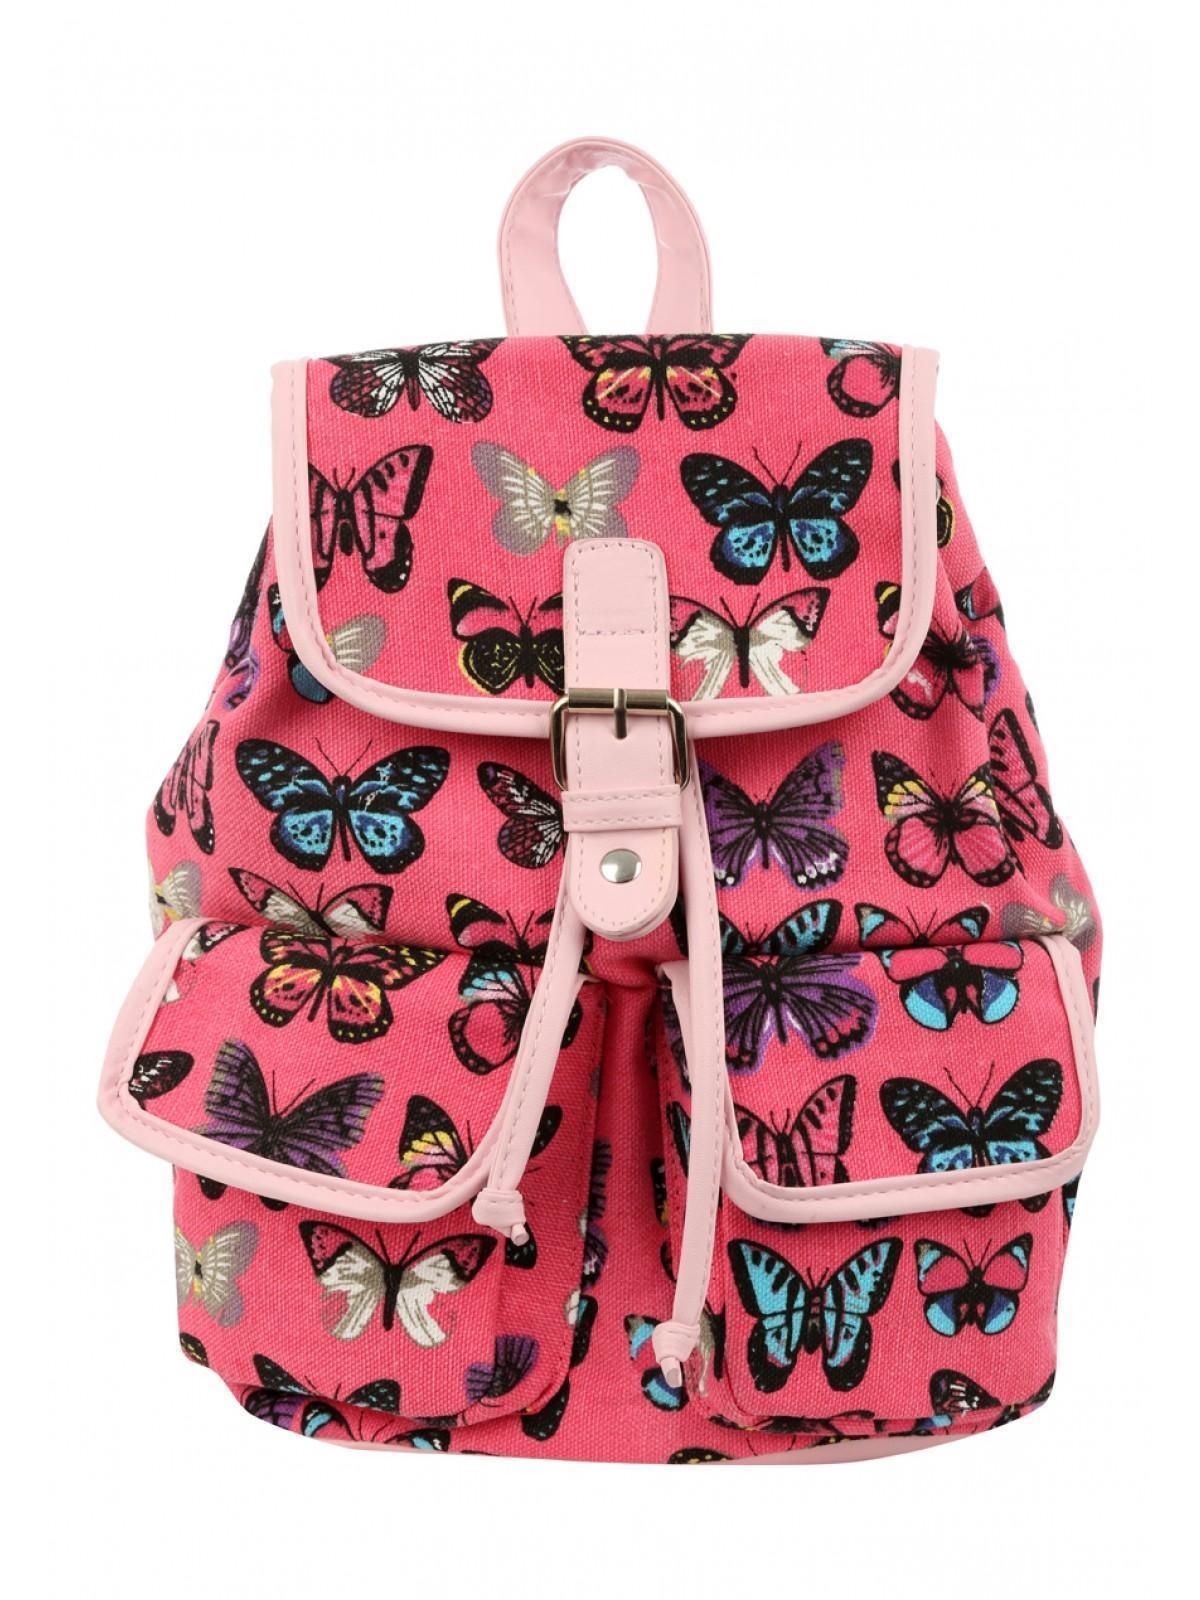 Backpacks For Older Girls   Cg Backpacks